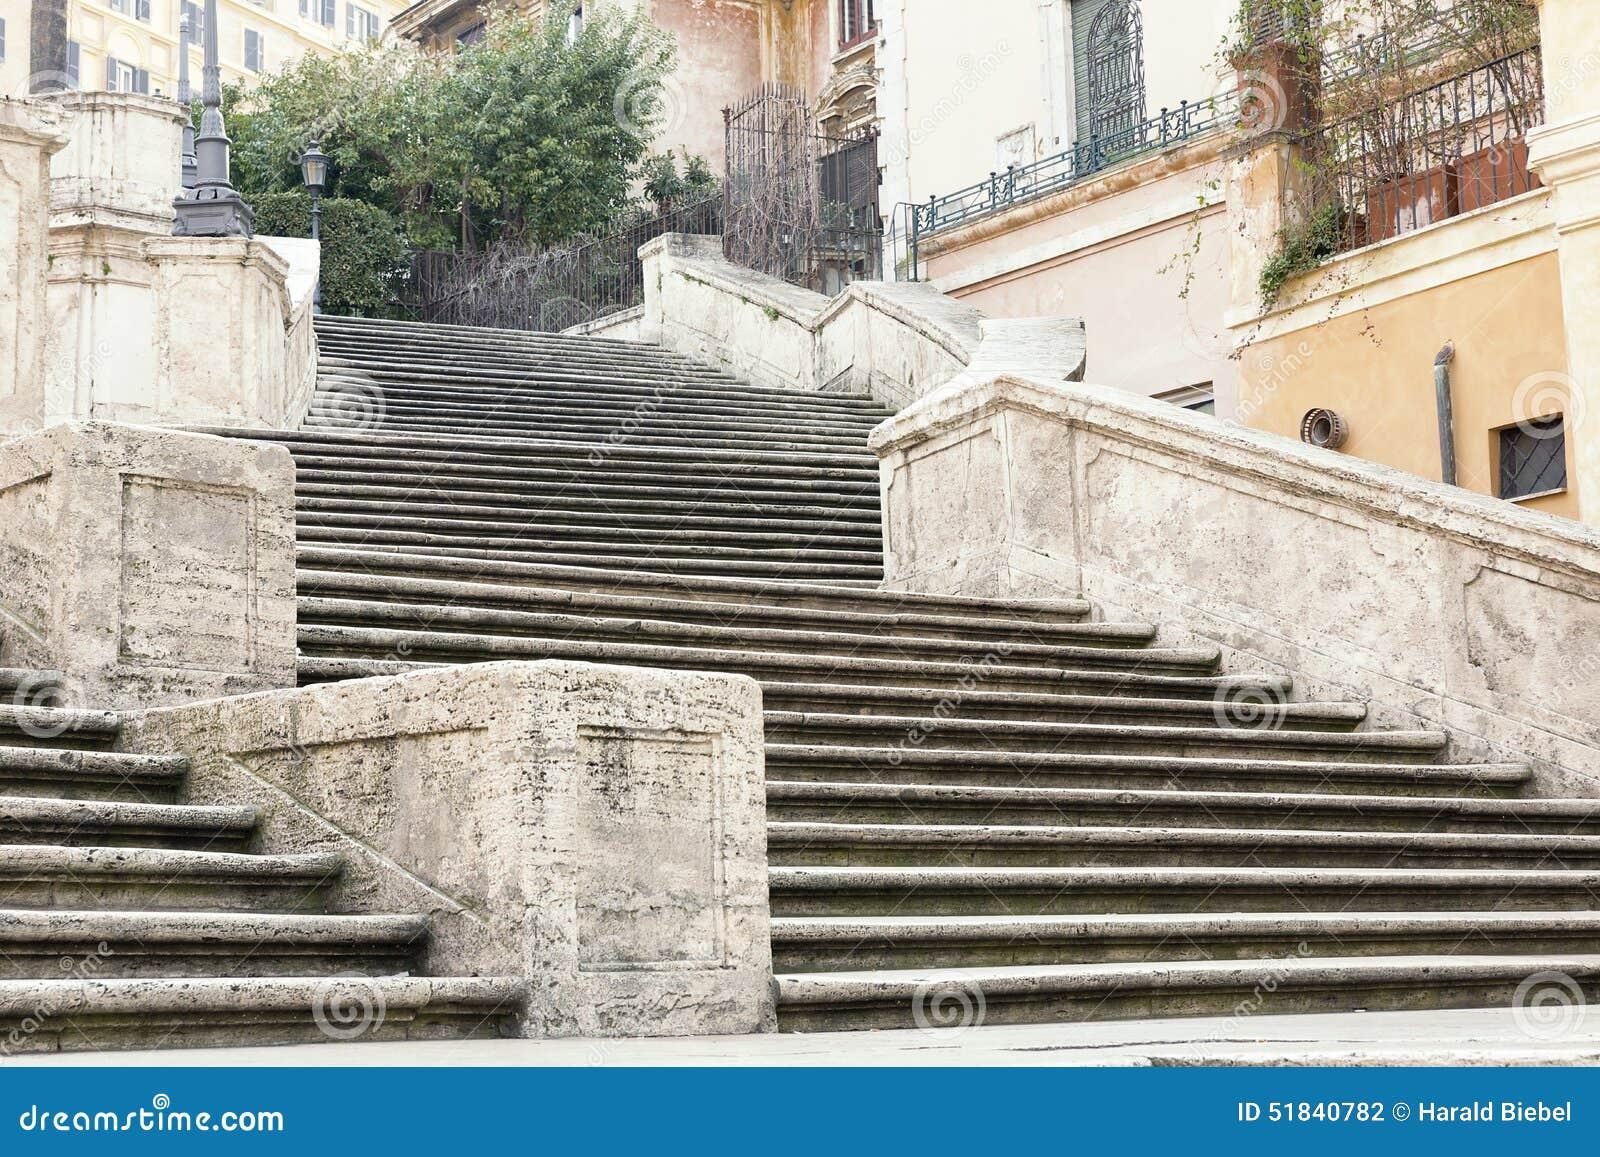 Kościelnego dei Italy monti Rome hiszpańscy kroki nakrywają trinit